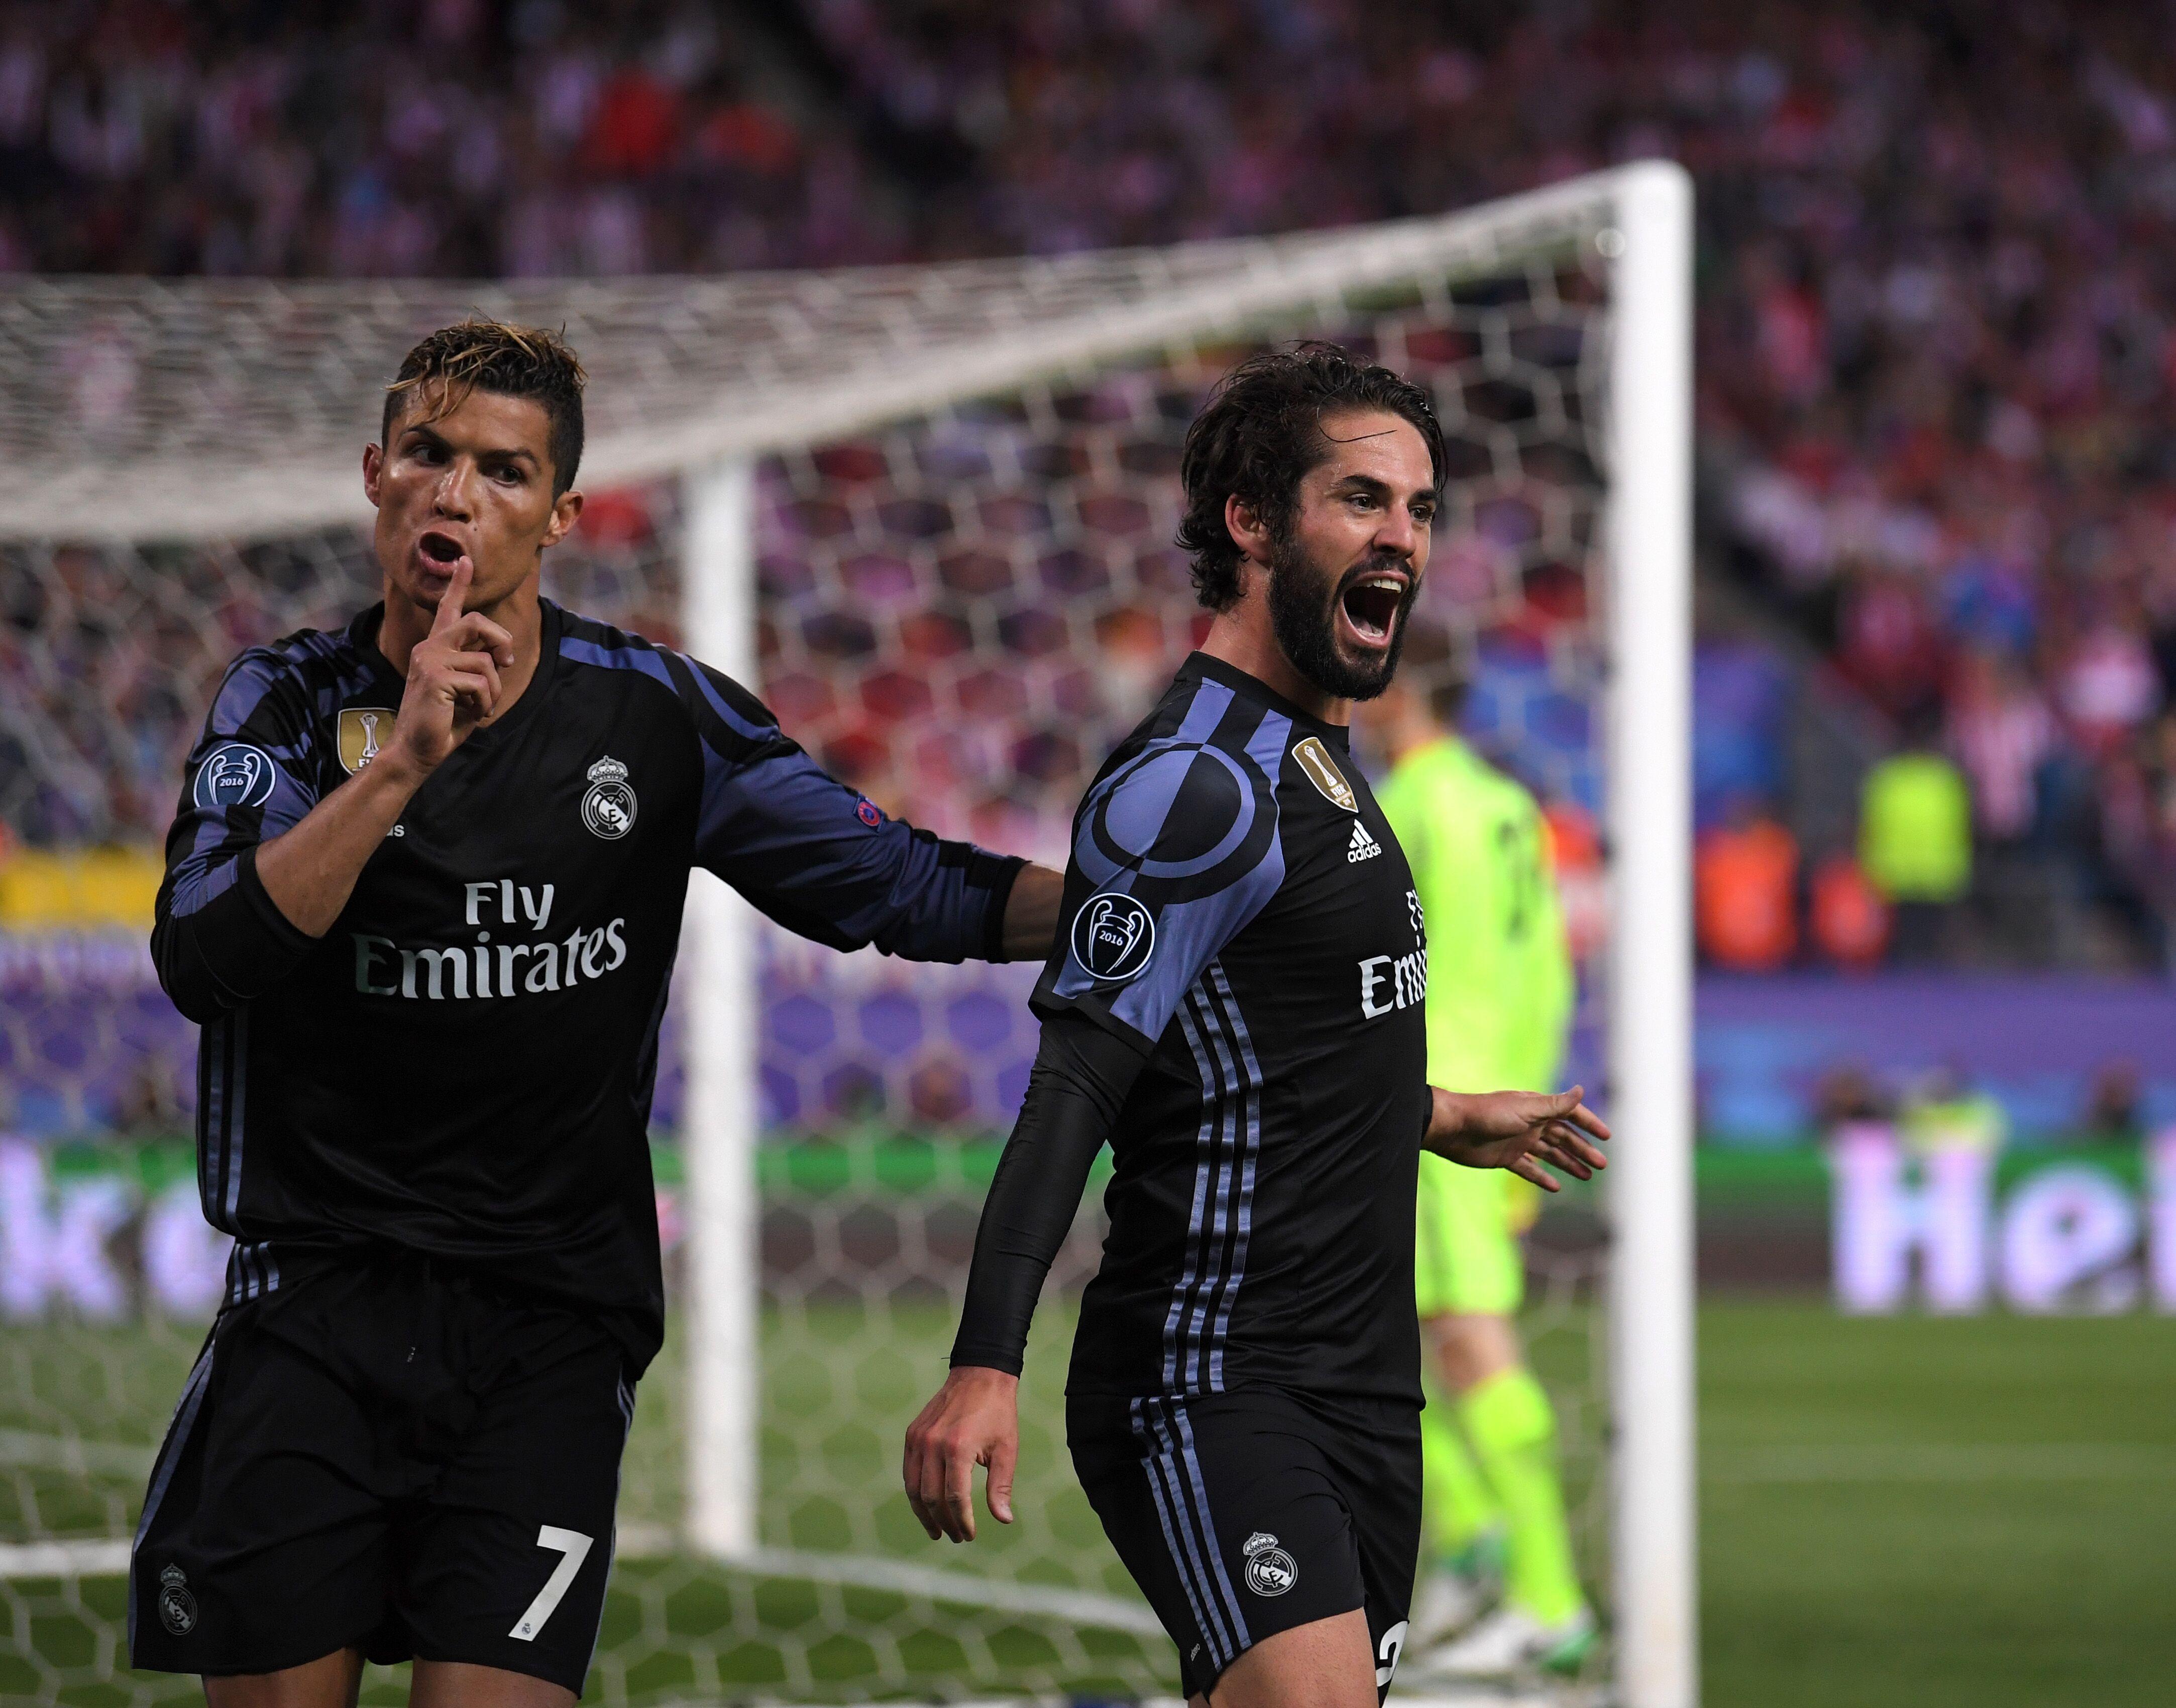 Real Madrid Vs Sevilla Live Stream Watch La Liga Online